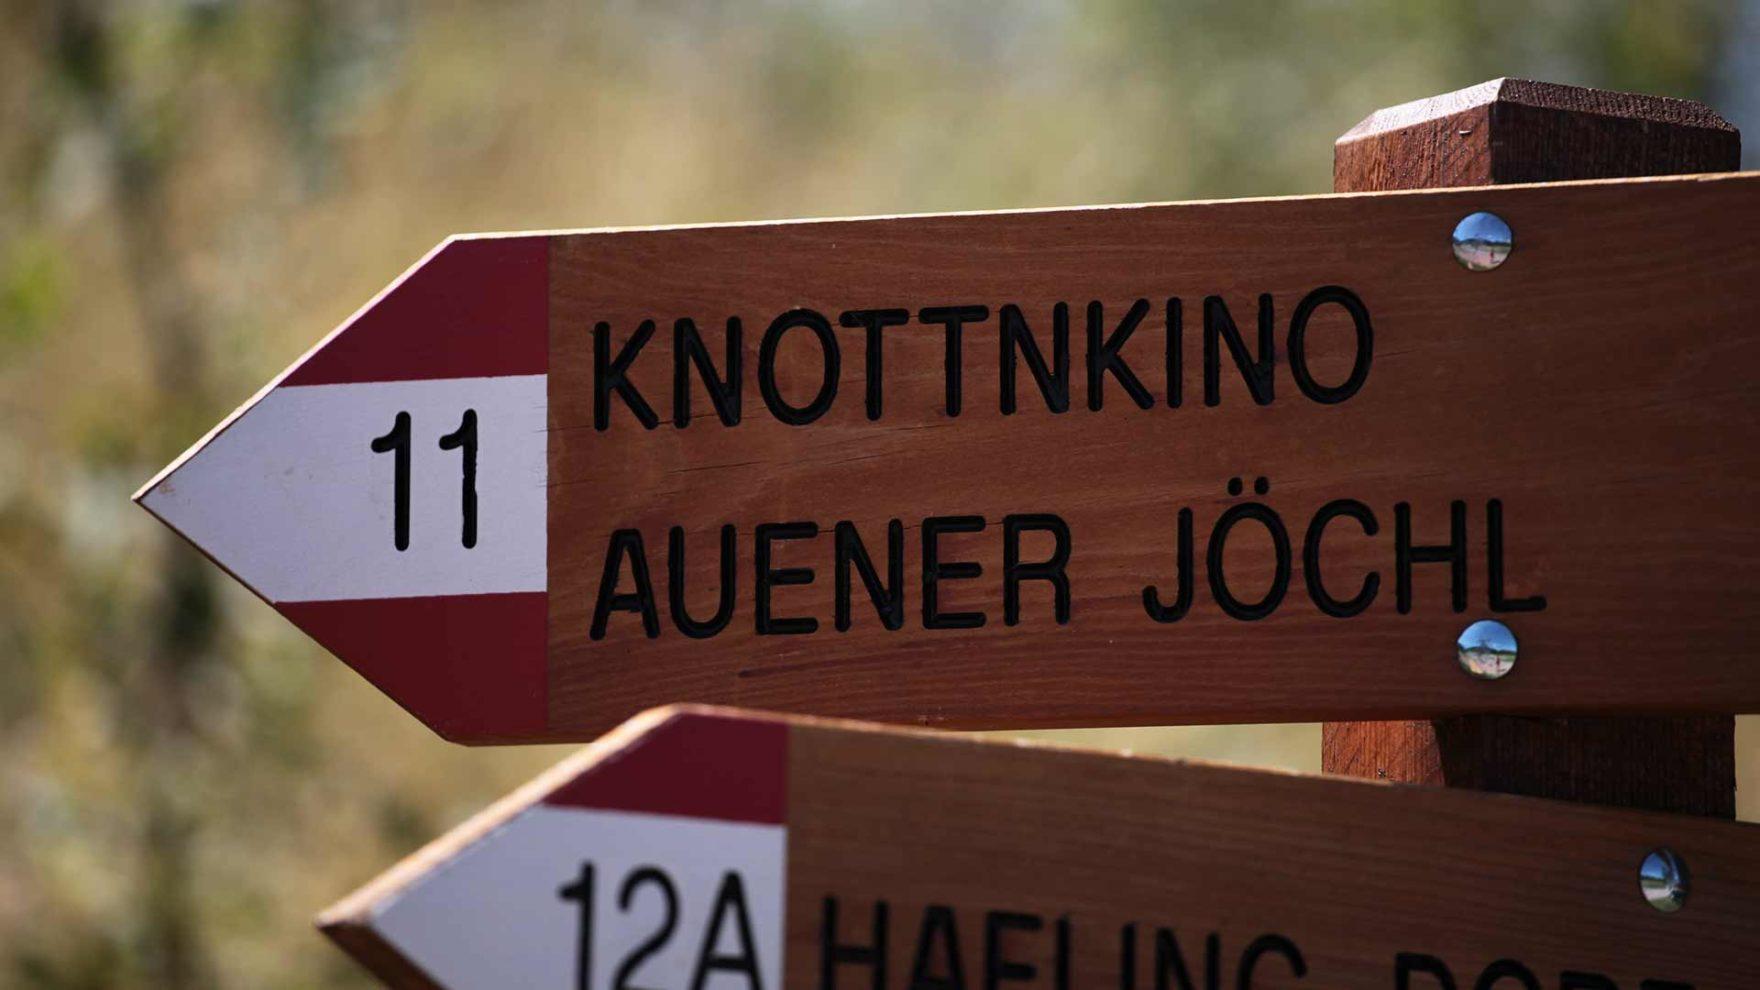 Knottnkino presso Verano